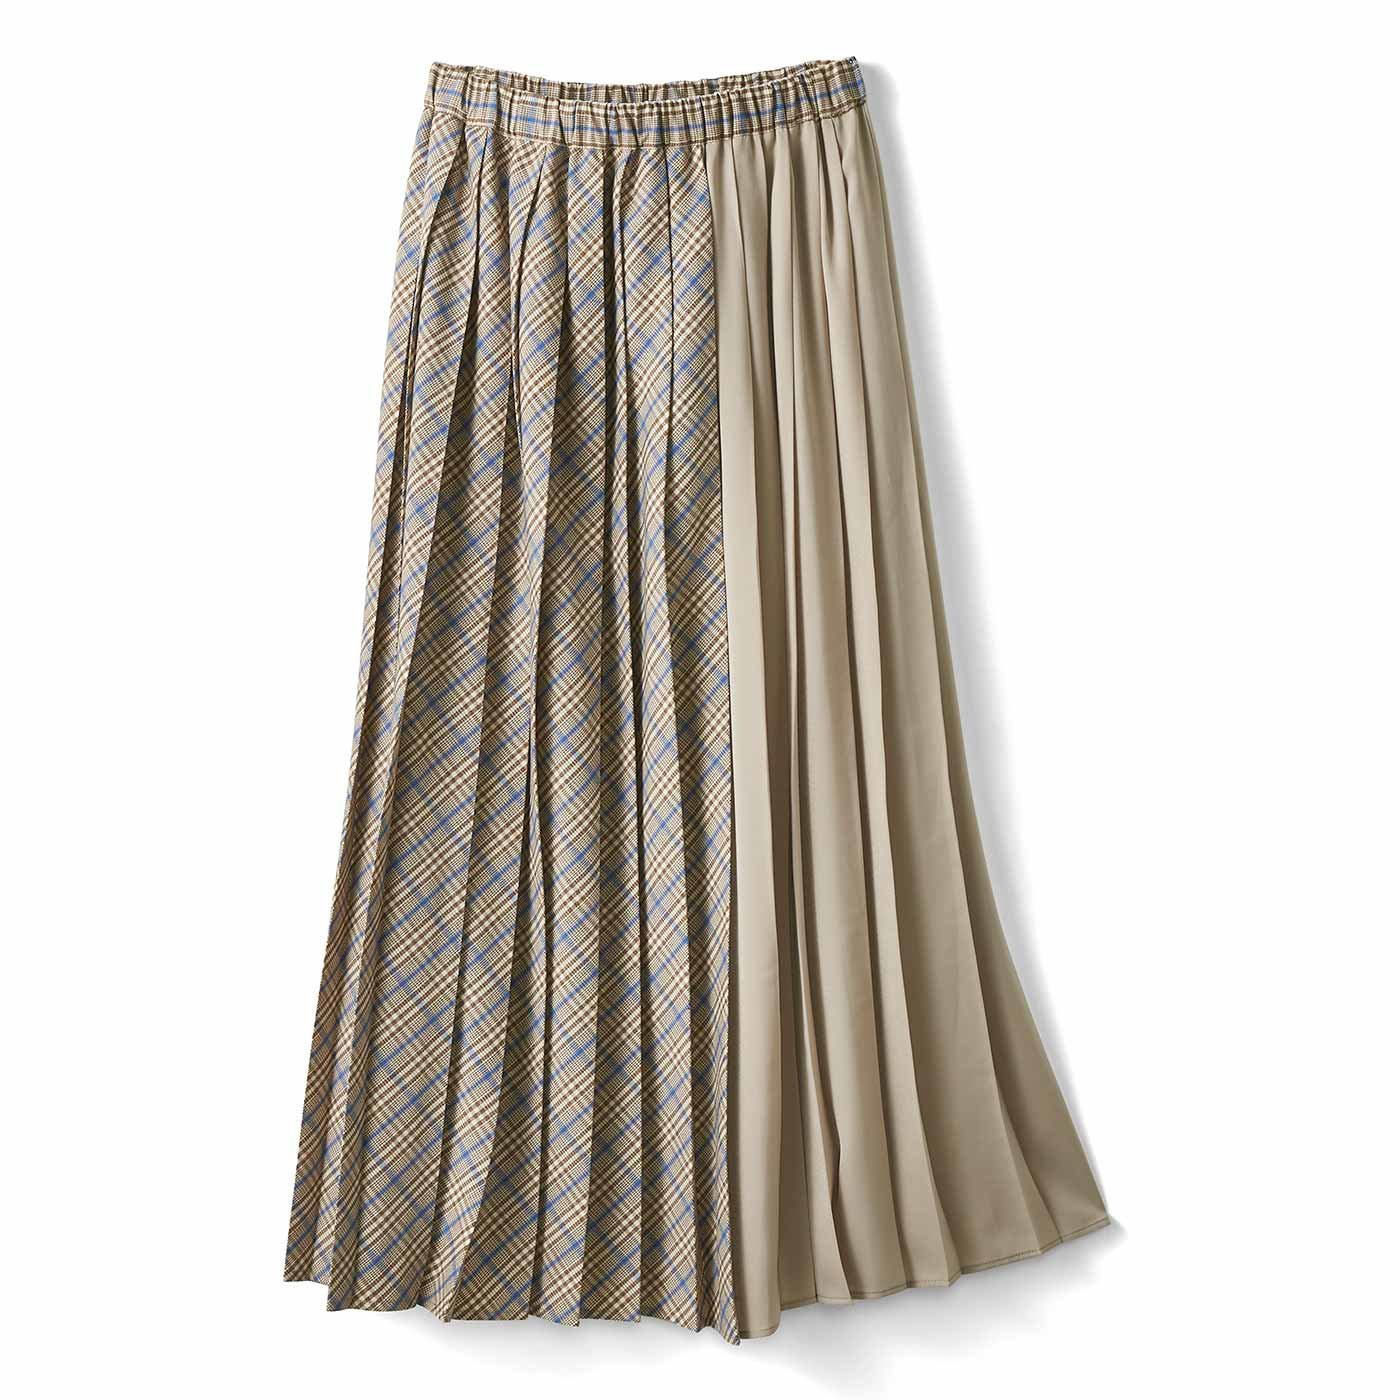 IEDIT[イディット] 着こなしいろいろチェック&サテンのプリーツスカート〈グレージュ〉